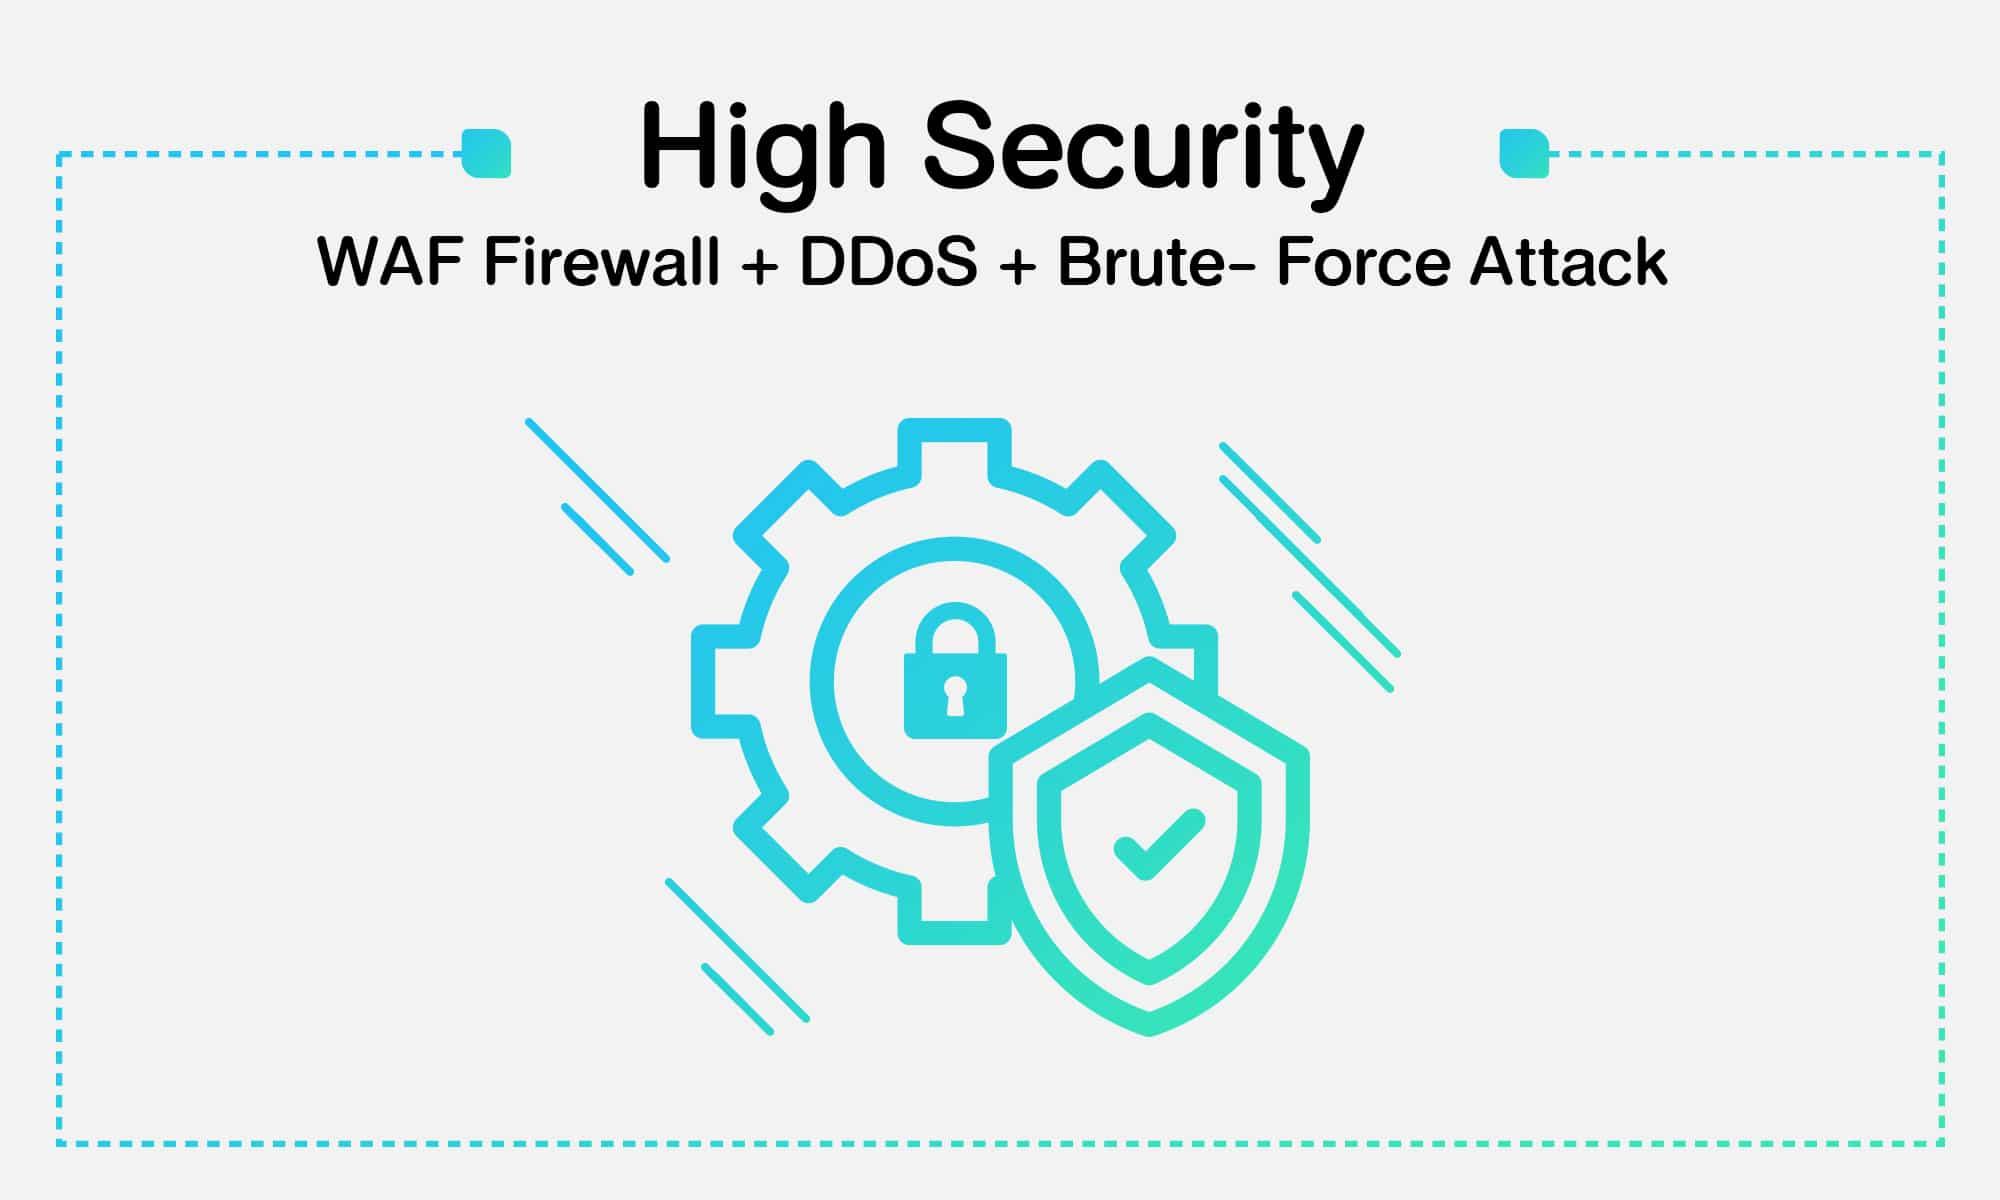 เสริมความปลอดภัยด้วย WordPress ด้วย WAF Firewall + DDoS + Brute-Force Attack ปกป้องเว็บคุณแบบ Realtime